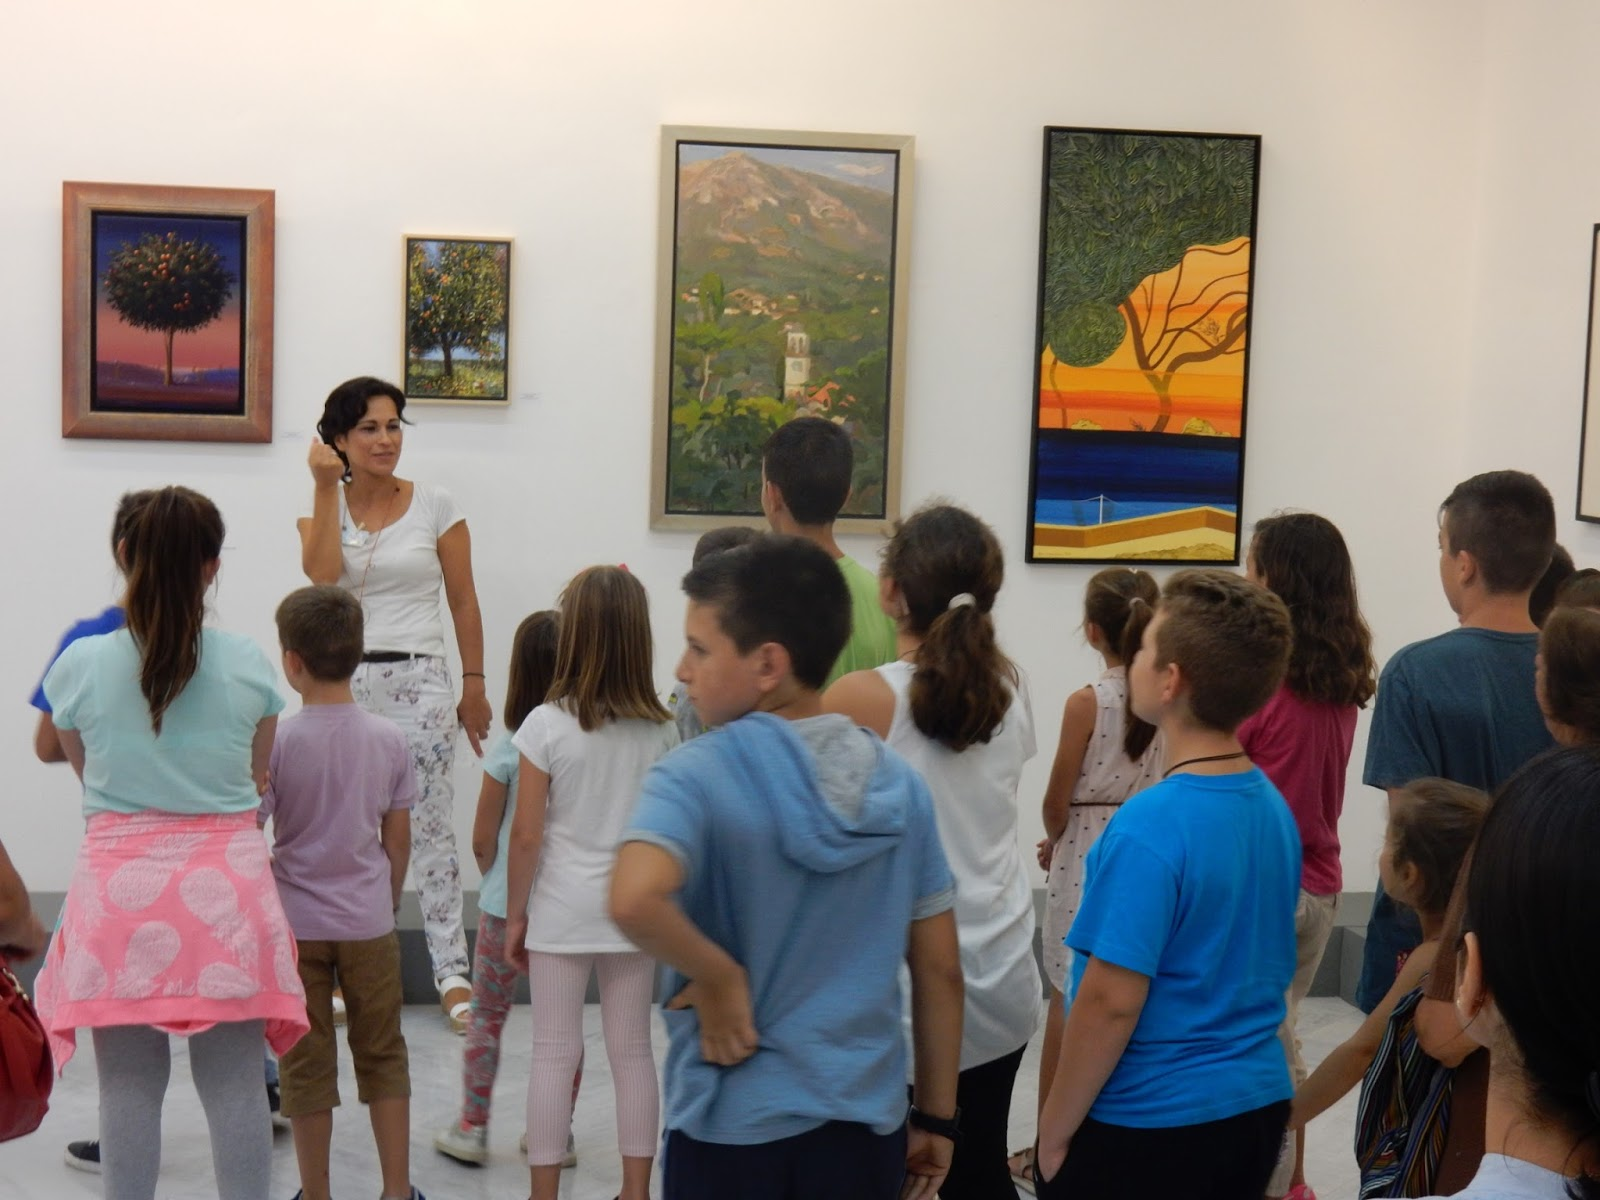 Ξεκίνησαν τα ανοιχτά εκπαιδευτικά προγράμματα για τους μικρούς επισκέπτες της Δημοτικής Πινακοθήκης Λάρισας (ΦΩΤΟ)